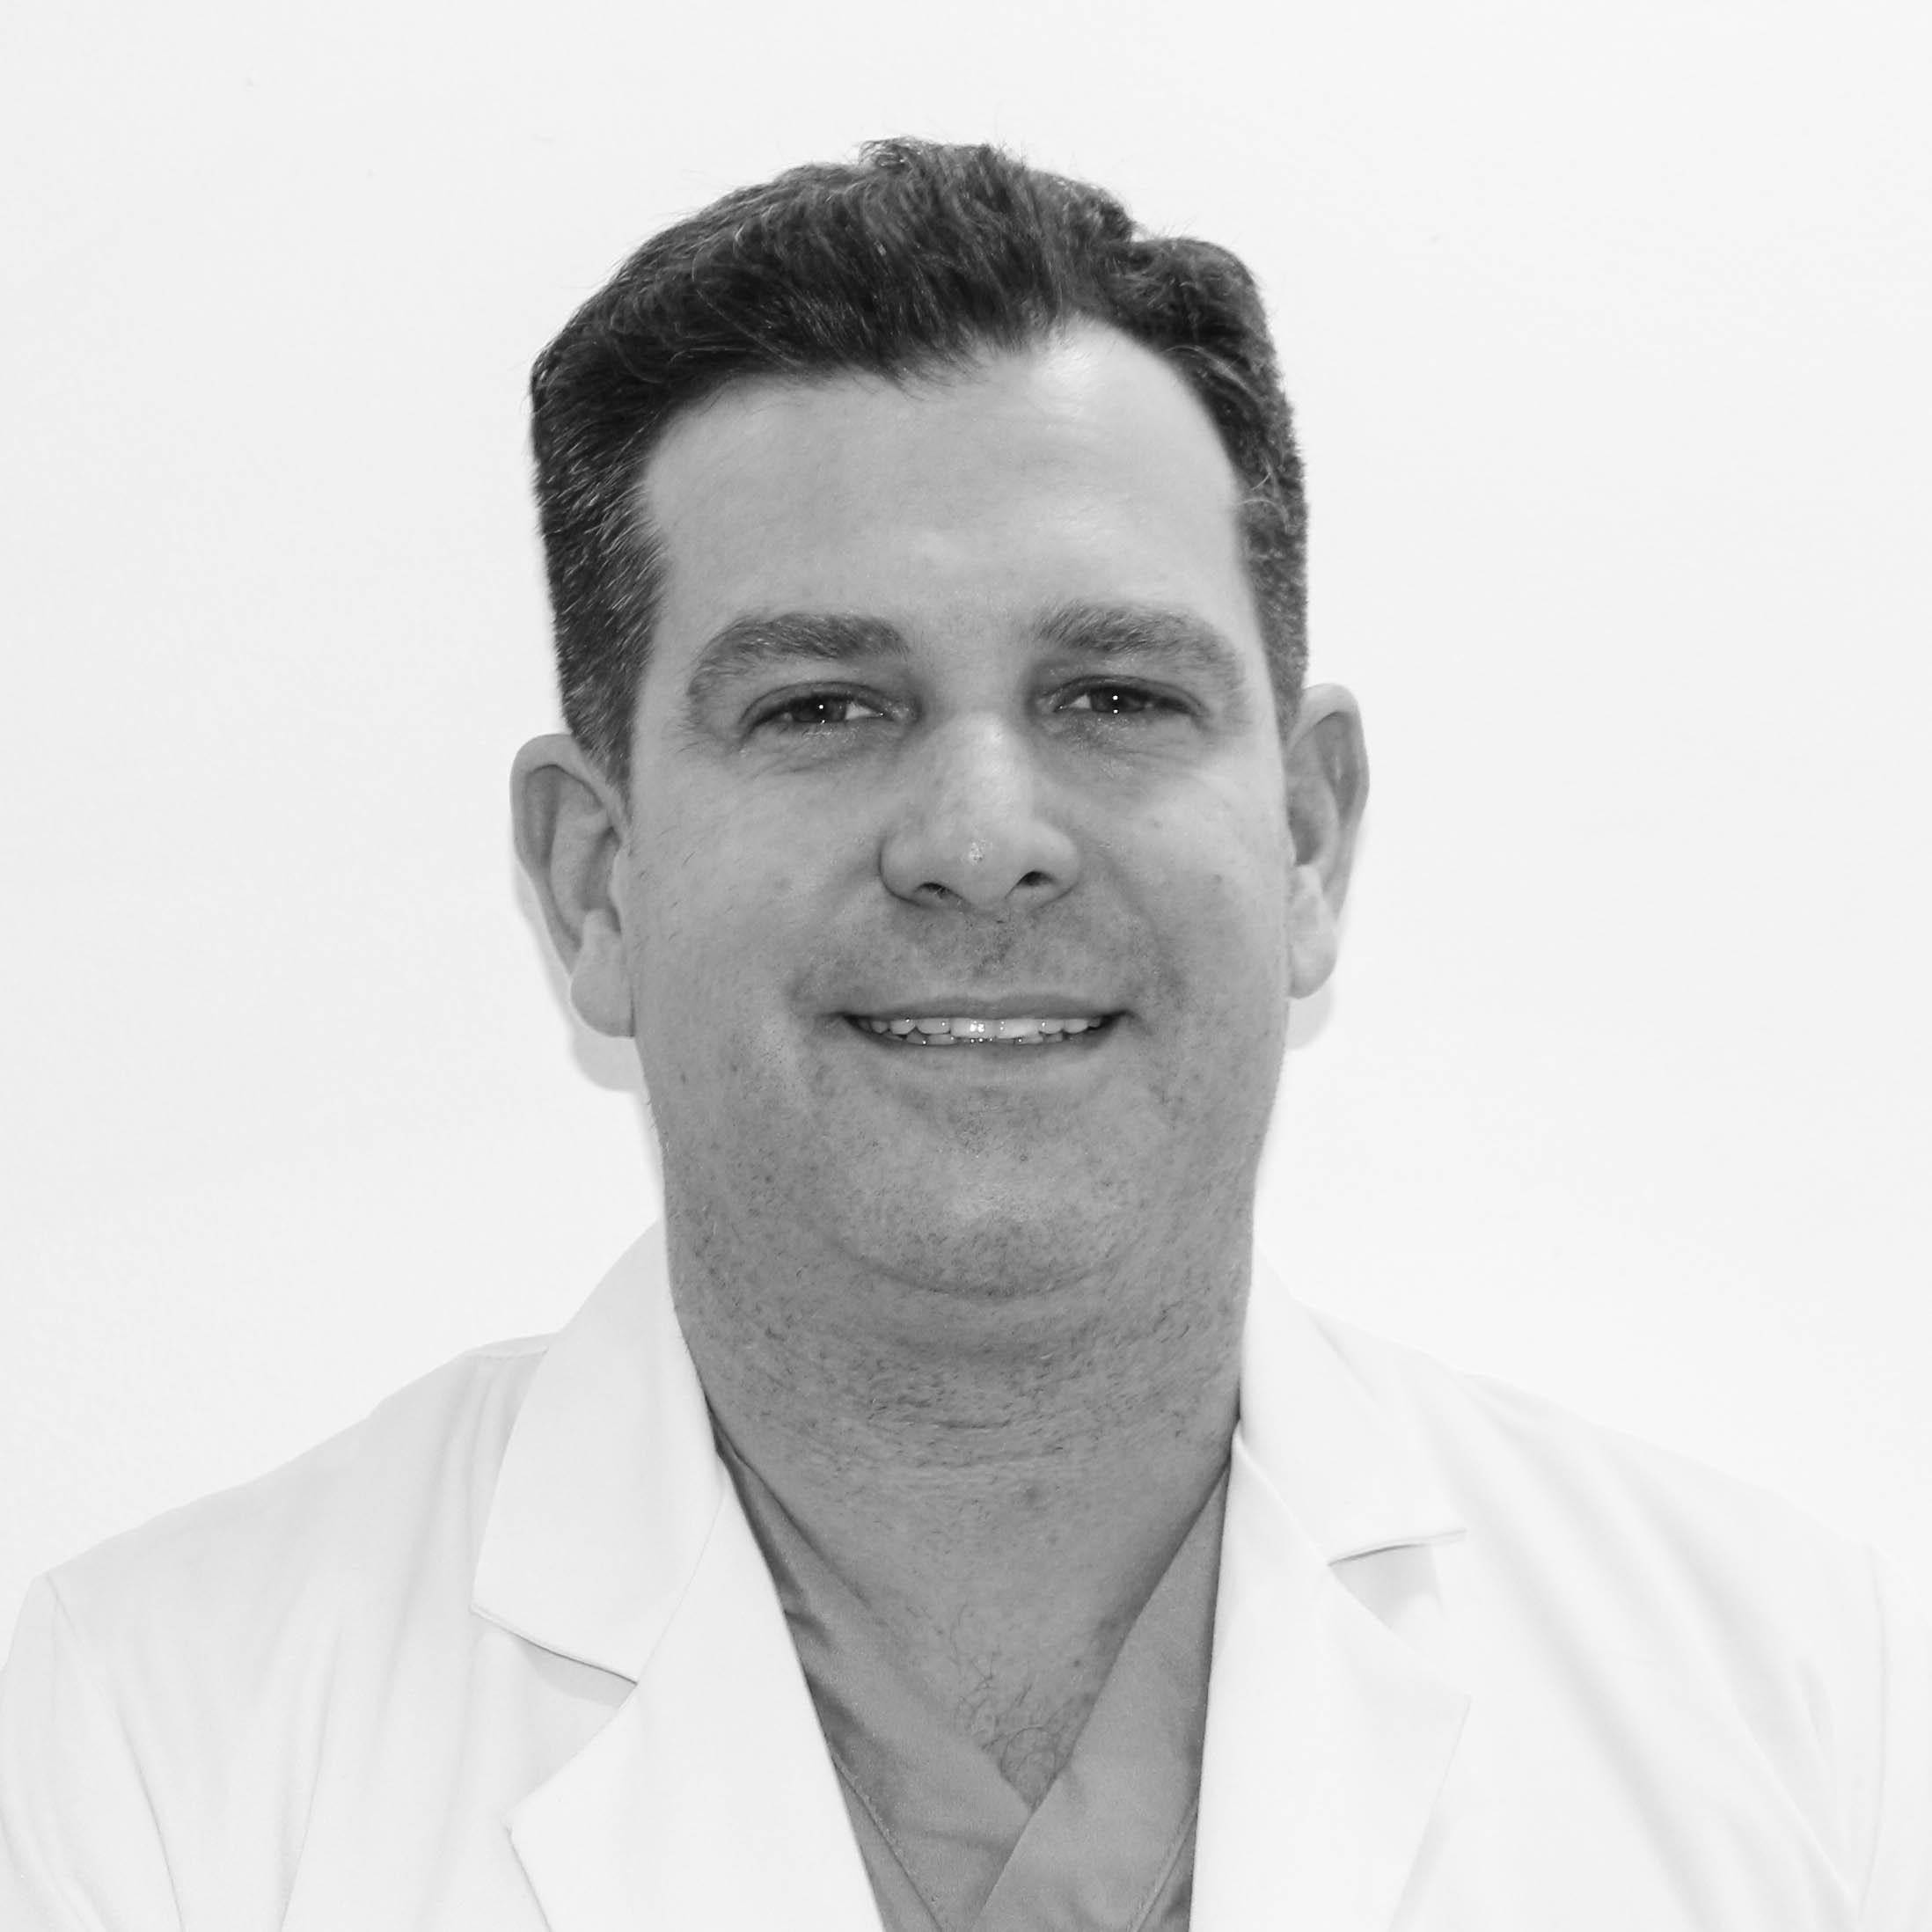 Carlos Montalba